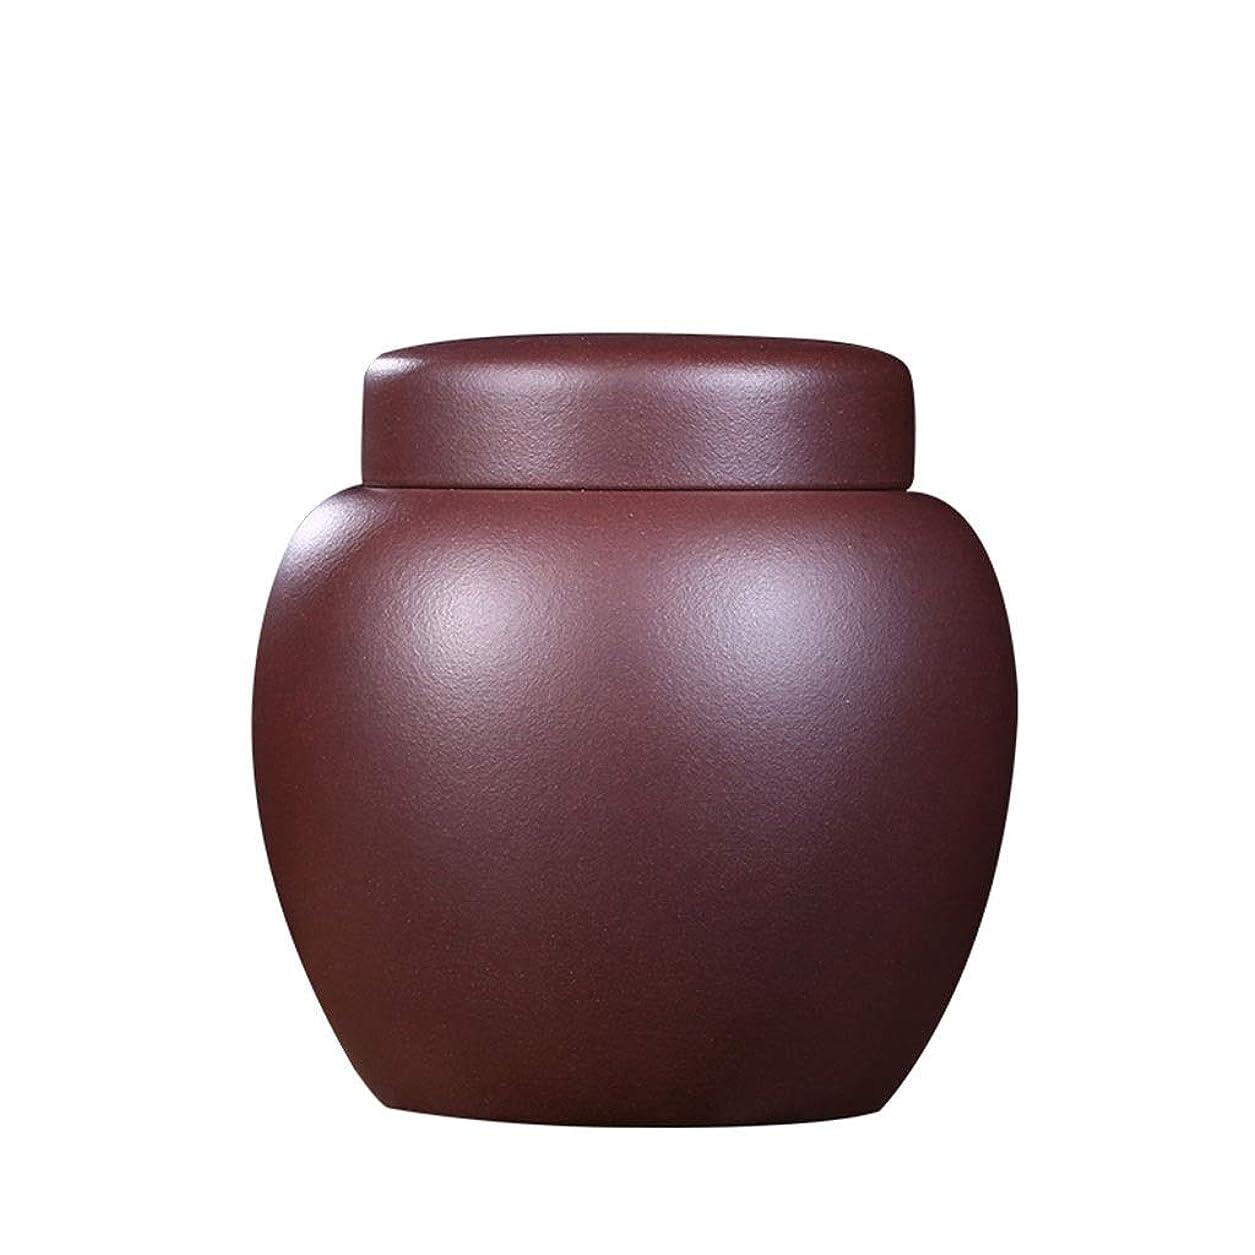 ビール延期する知らせる骨壺/納骨壺オリジナルの鉱石紫砂手作り火葬家族の葬儀のお土産は大人またはペットの灰に適用されます